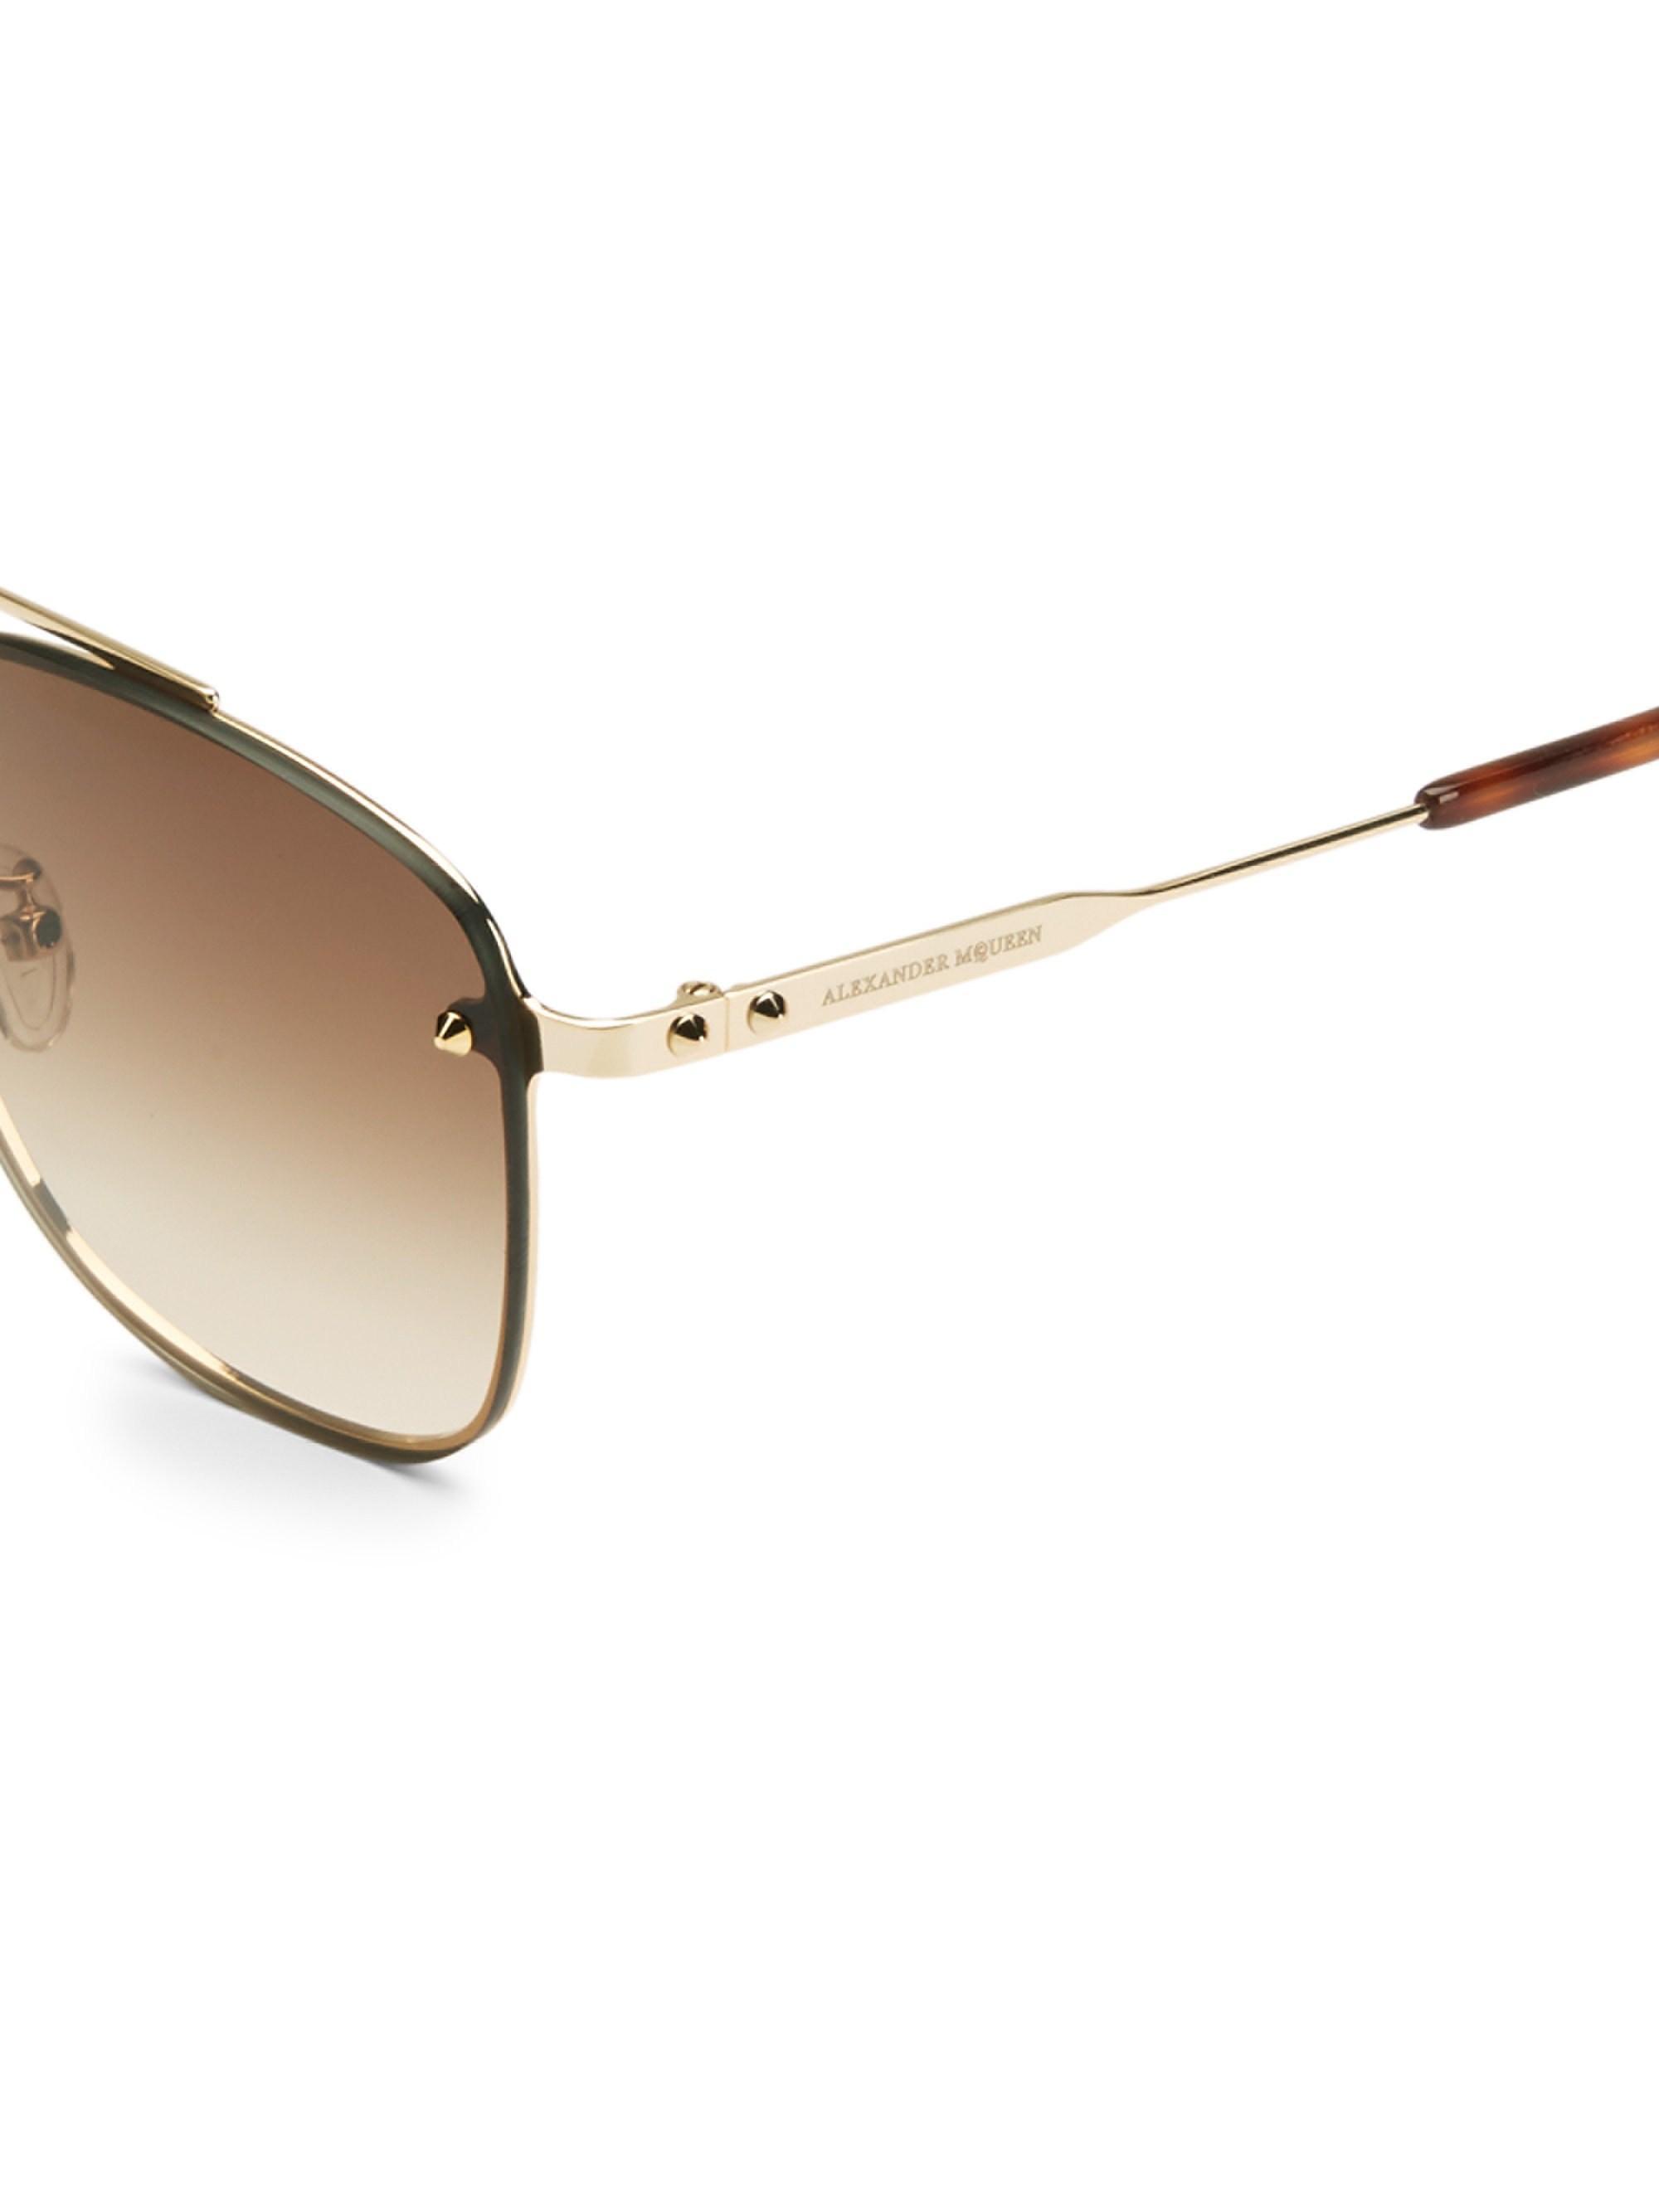 d7d401395652 Alexander McQueen - Metallic Men s 62mm Sunglasses - Gold for Men - Lyst.  View fullscreen